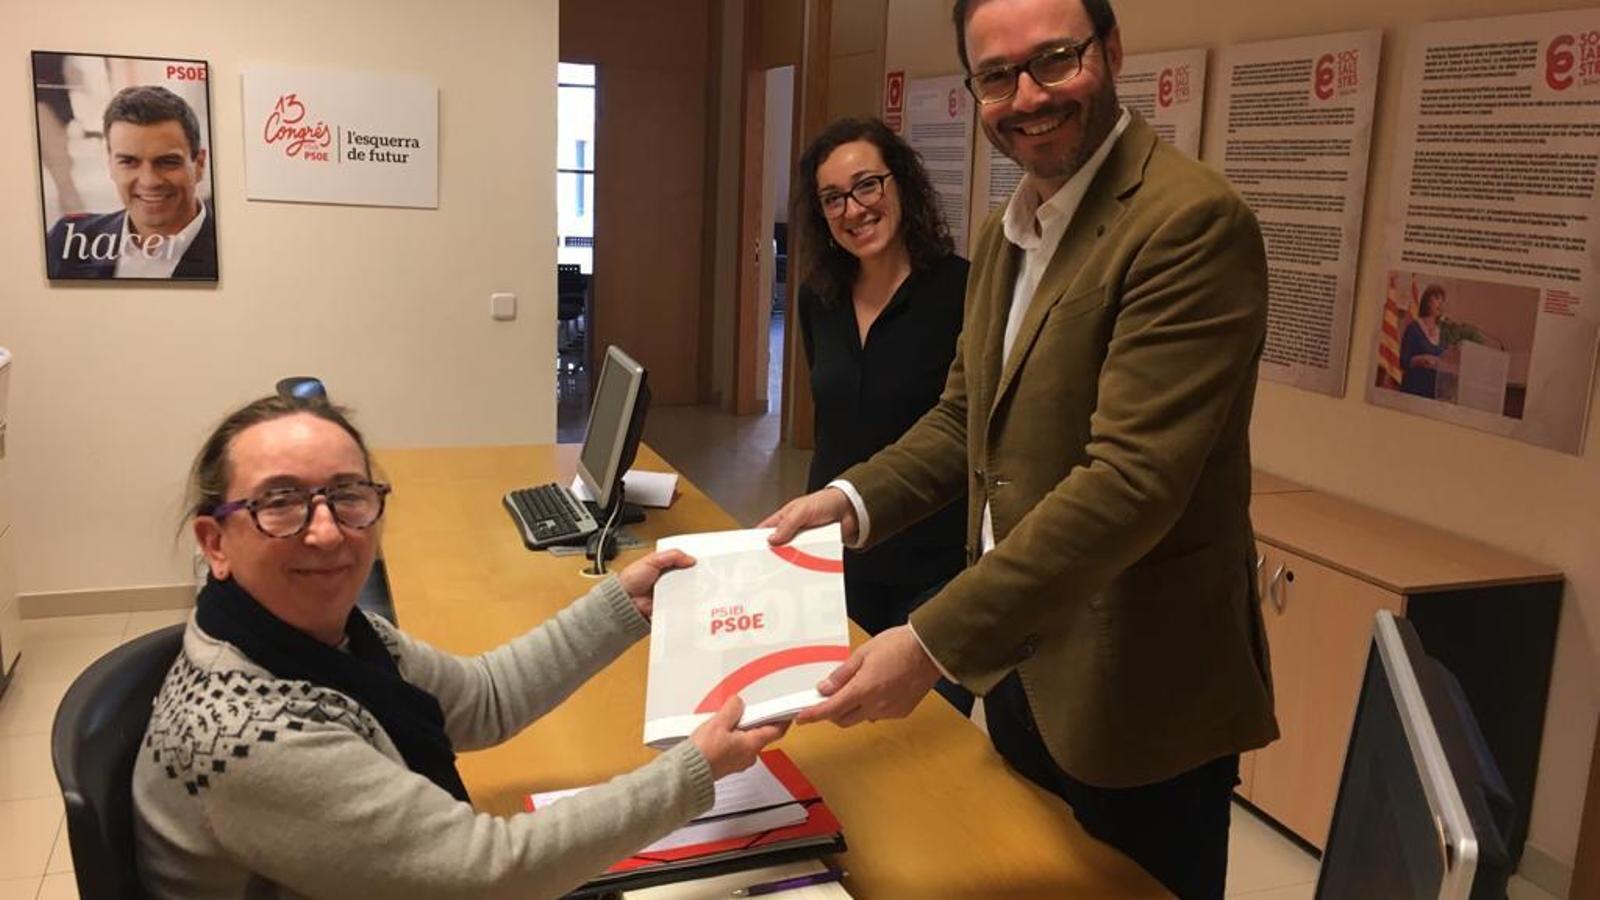 Hila presenta els seus avals per a ser designat candidat del PSIB a la batlia de Palma